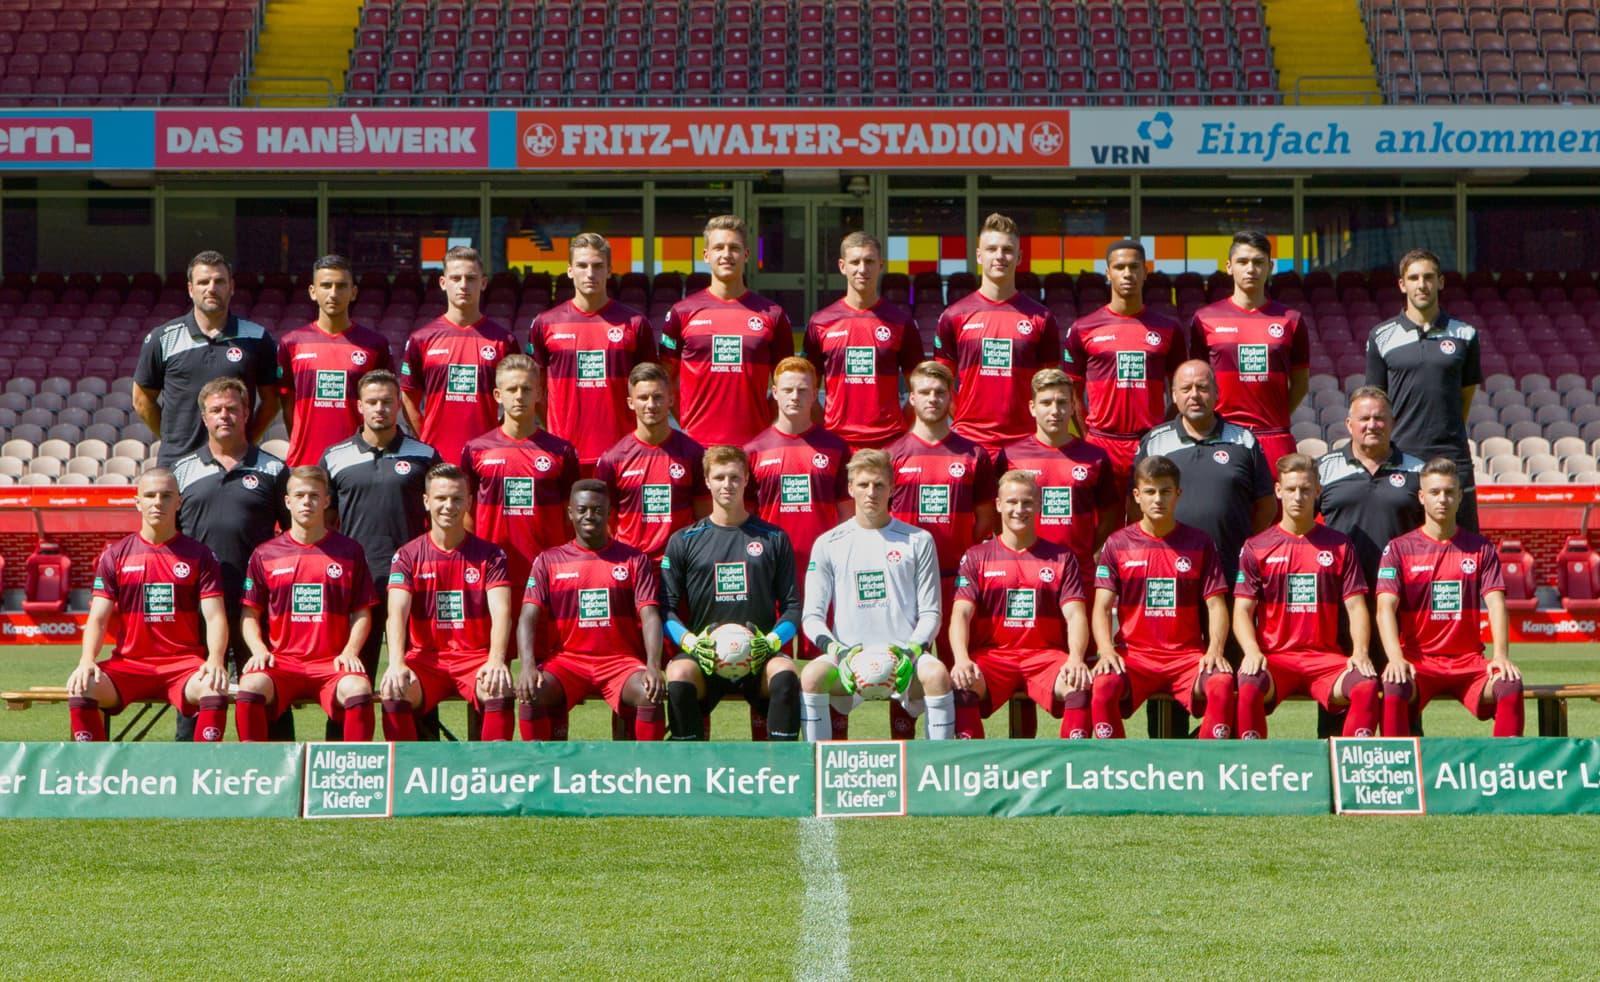 Mannschaftsfoto der U19 der Saison 2016/17